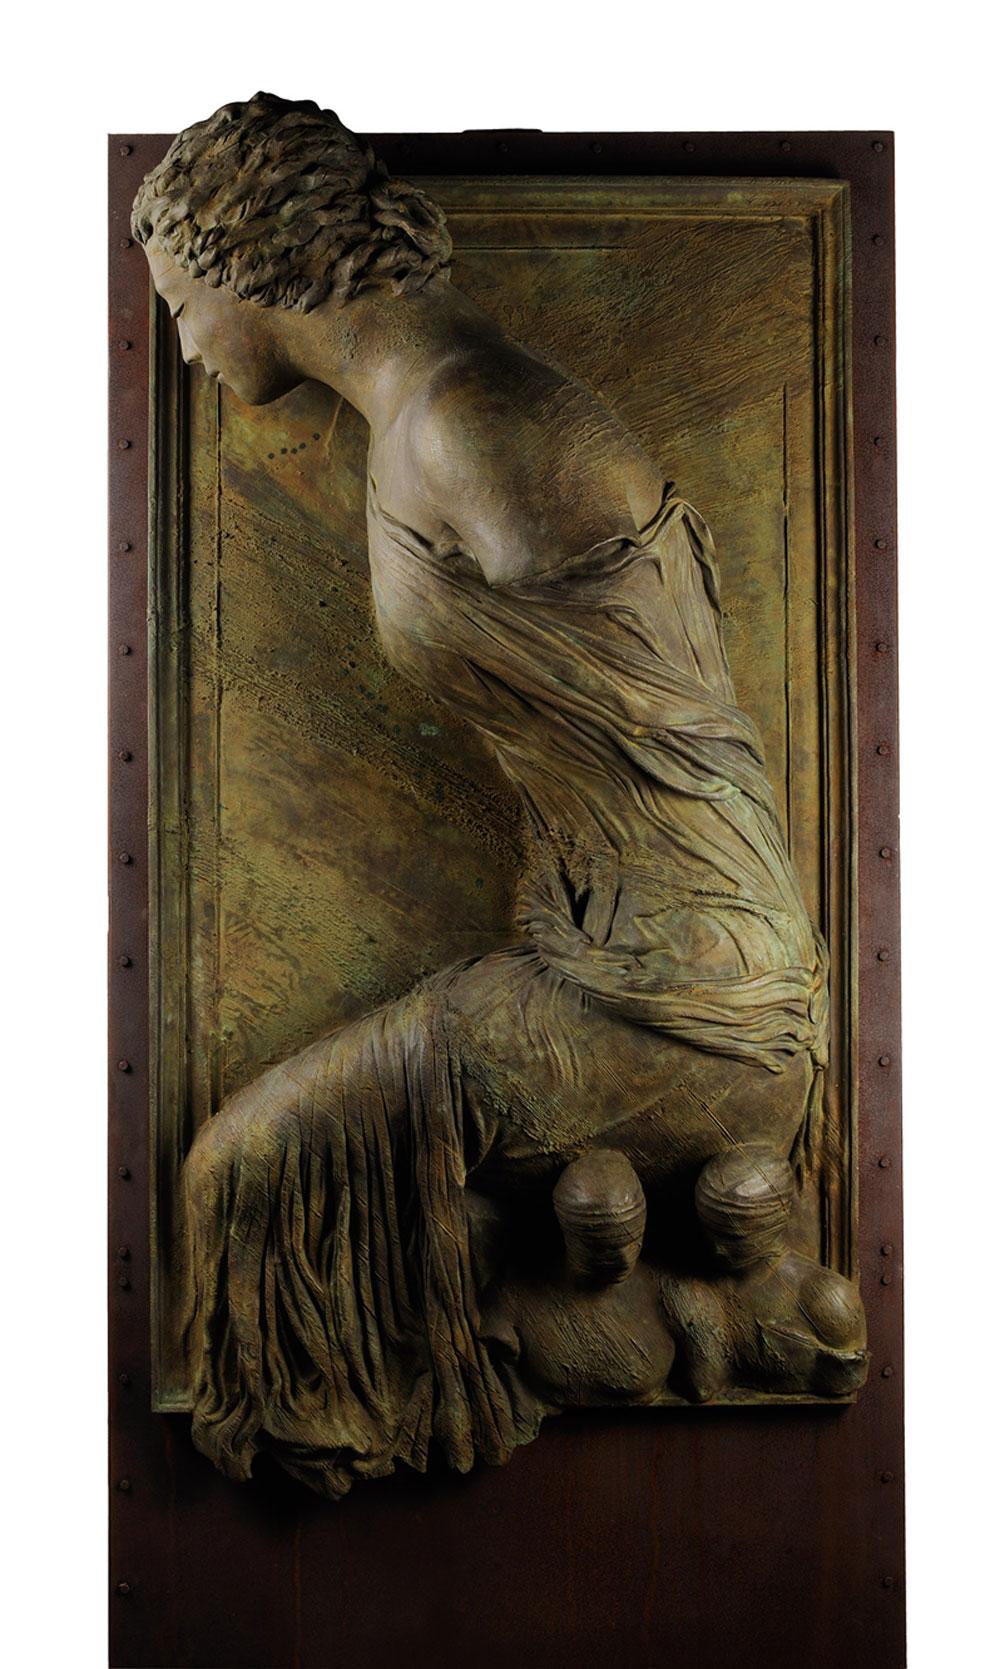 Pisa, il Museo delle Sinopie riapre ed espone tre sculture di Mitoraj